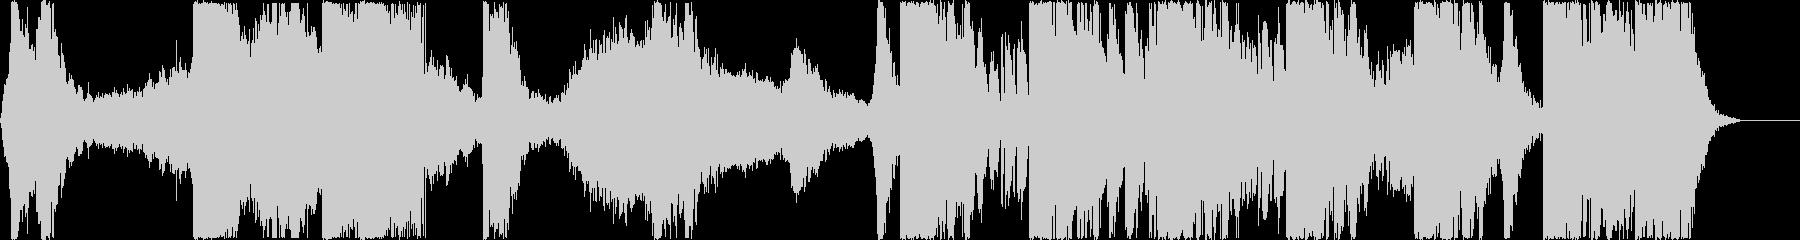 トレーラー/打楽器*インダストリアルの未再生の波形